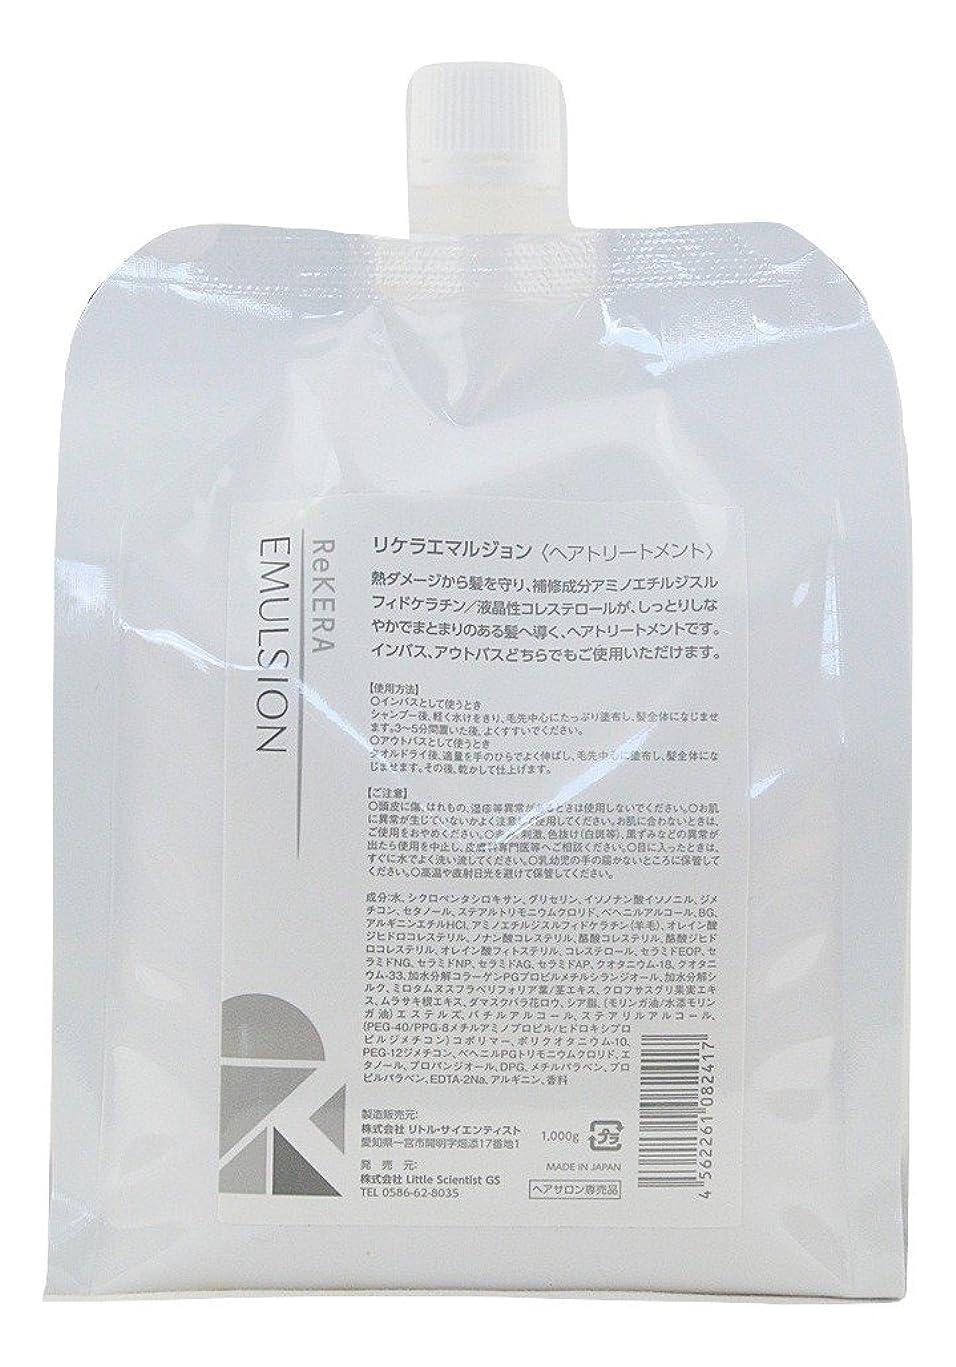 ぶら下がるキャロラインタンパク質リトルサイエンティスト リケラエマルジョン 1Lレフィル ベータレイヤーエマルジョン後継商品